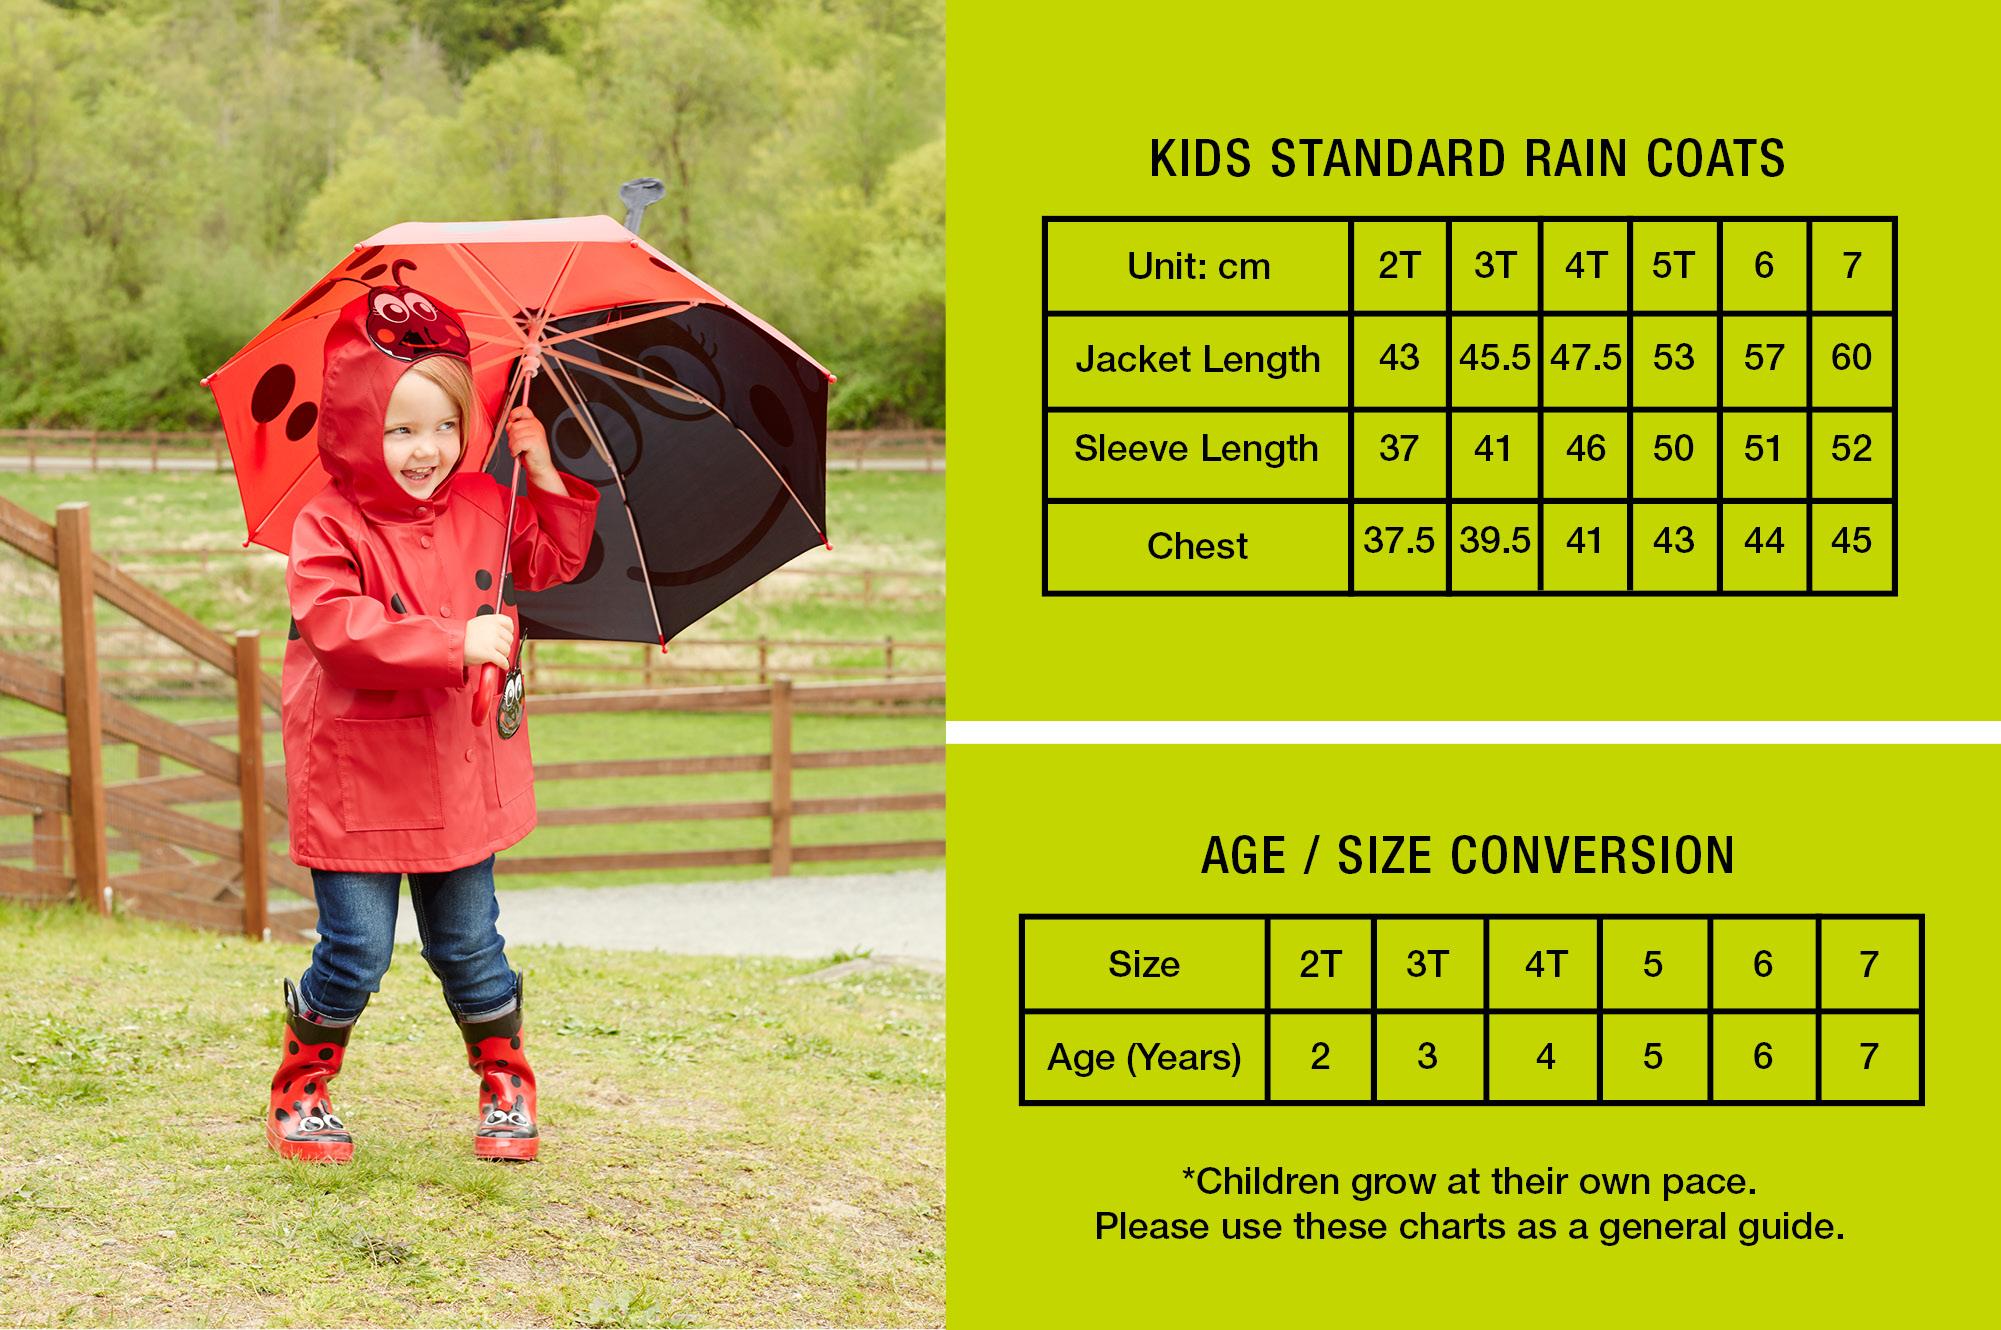 Kids' Rain Coats